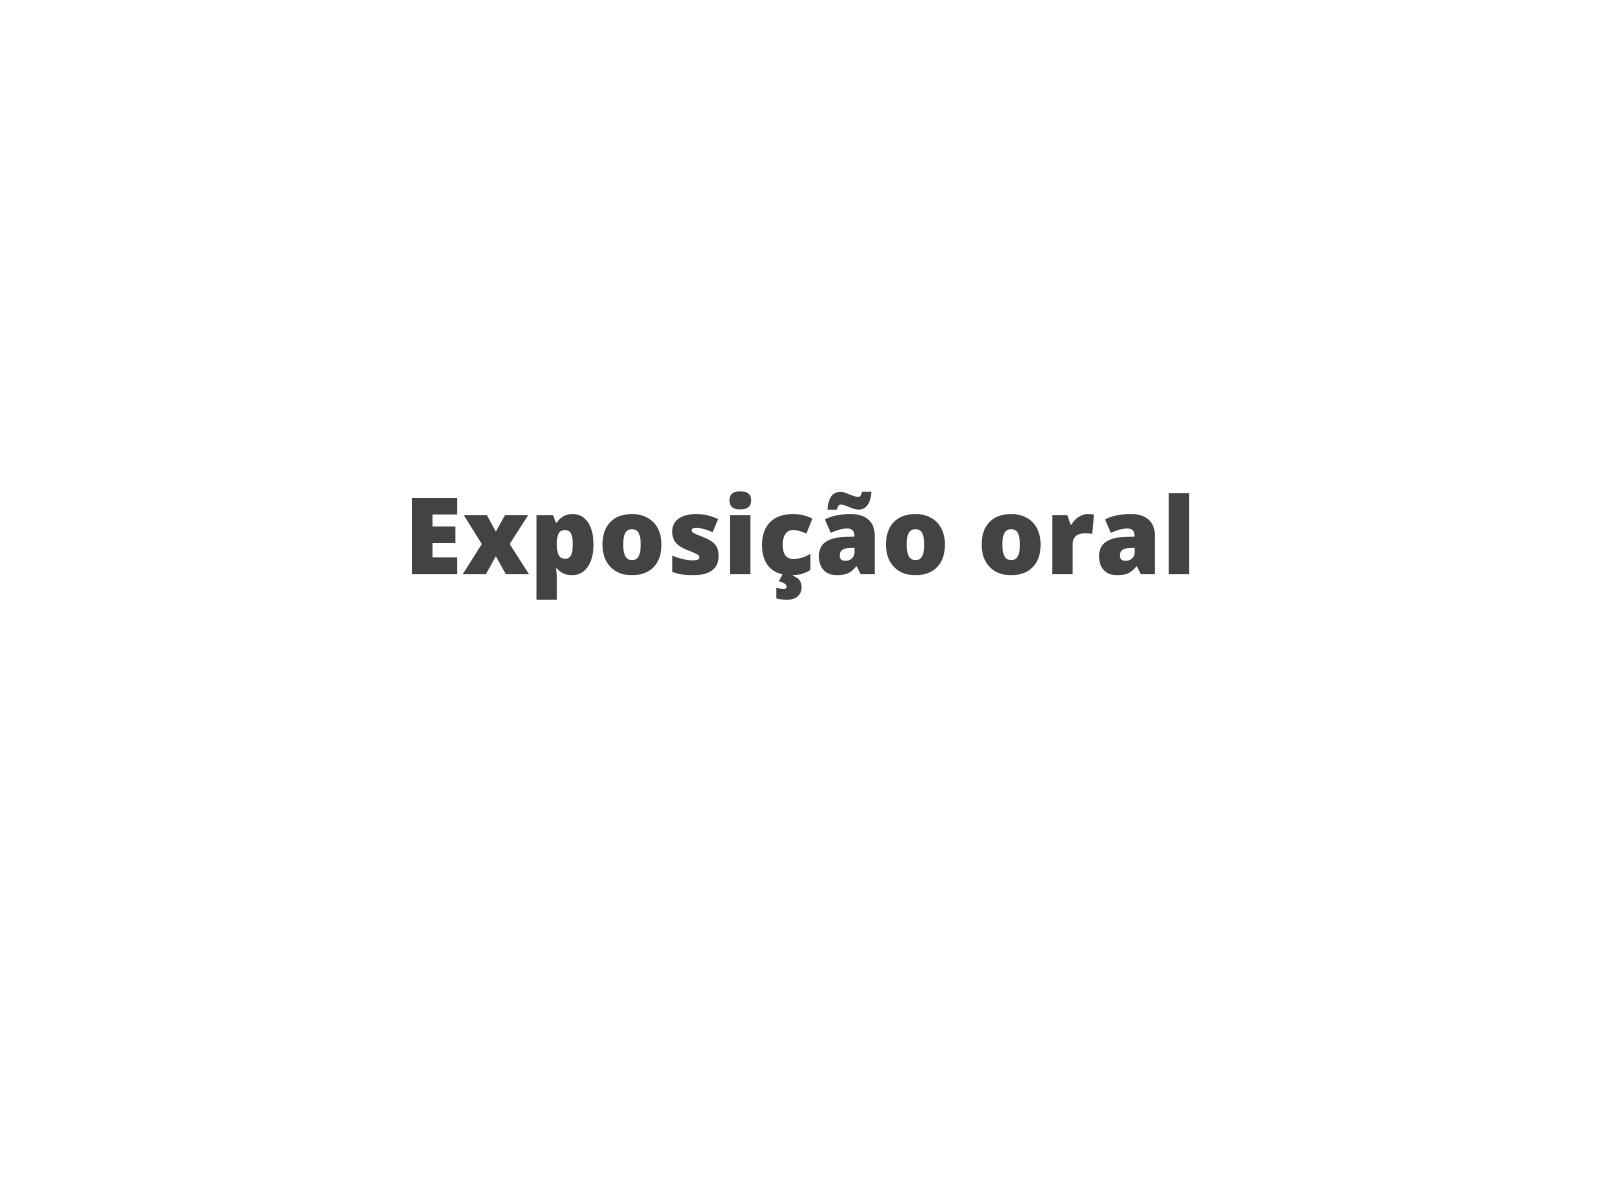 Exposição oral